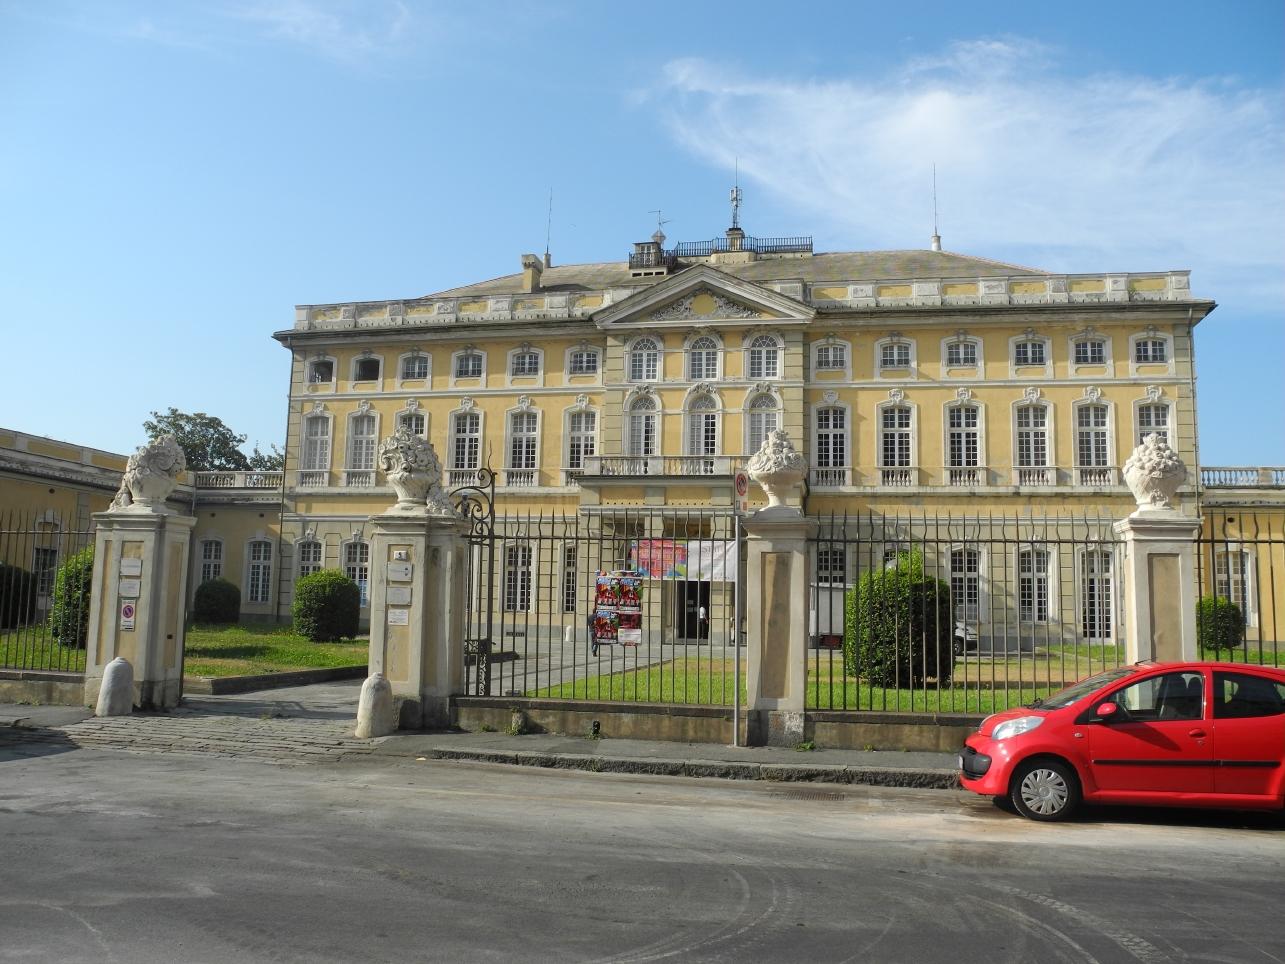 Villa Durazzo Bombrini (villa, nobiliare) - Genova (GE)